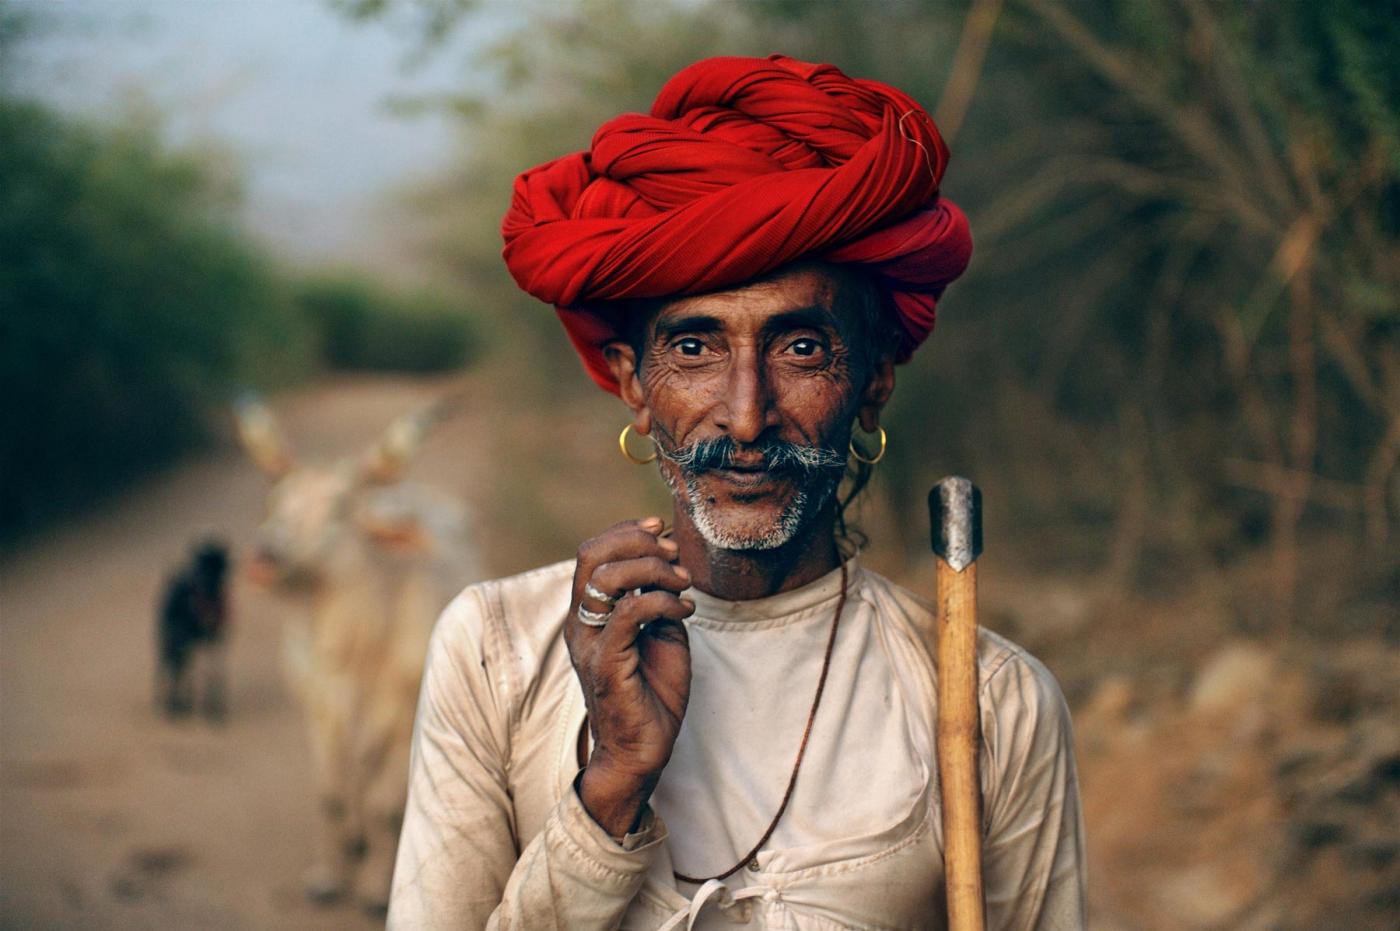 【攝影蟲】殿堂級的攝影記者 Steve McCurry_图1-13